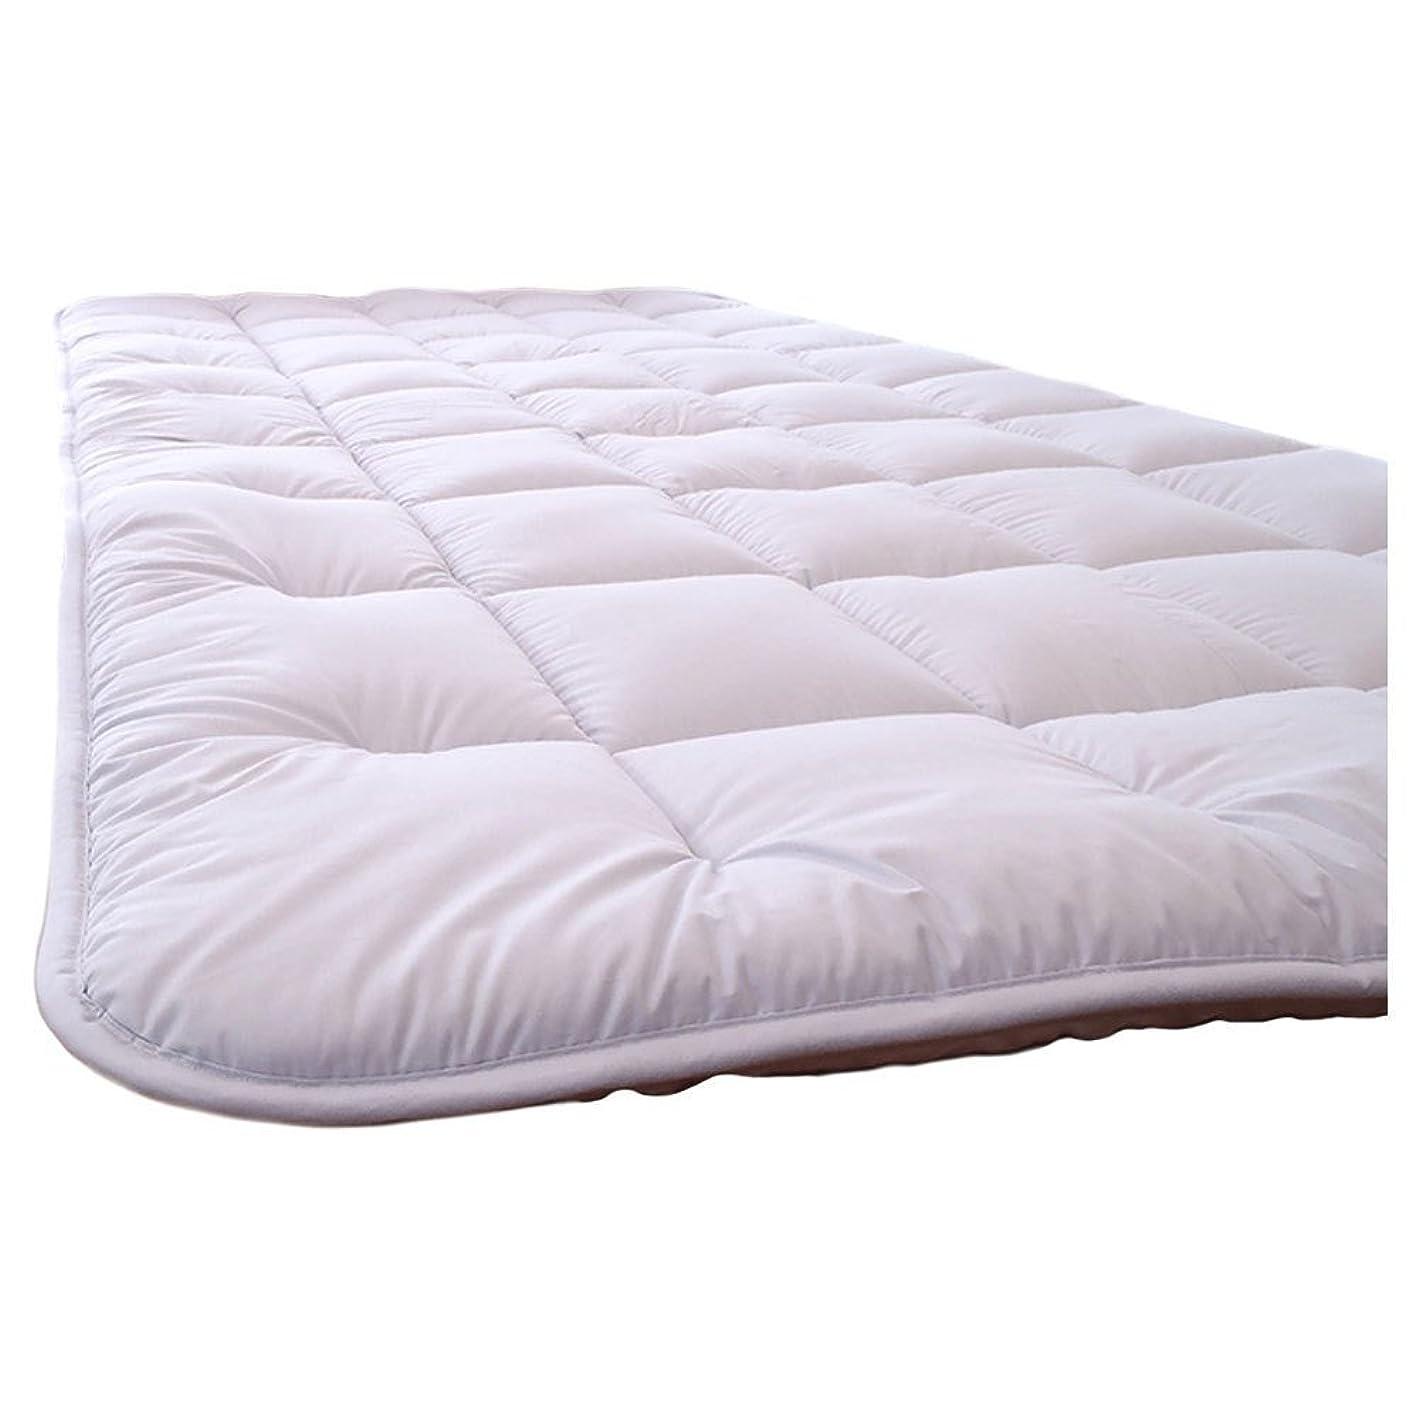 船形再集計是正する西川リビング  ワイドダブルサイズ  ベッド専用いい按配敷き布団(日本製)